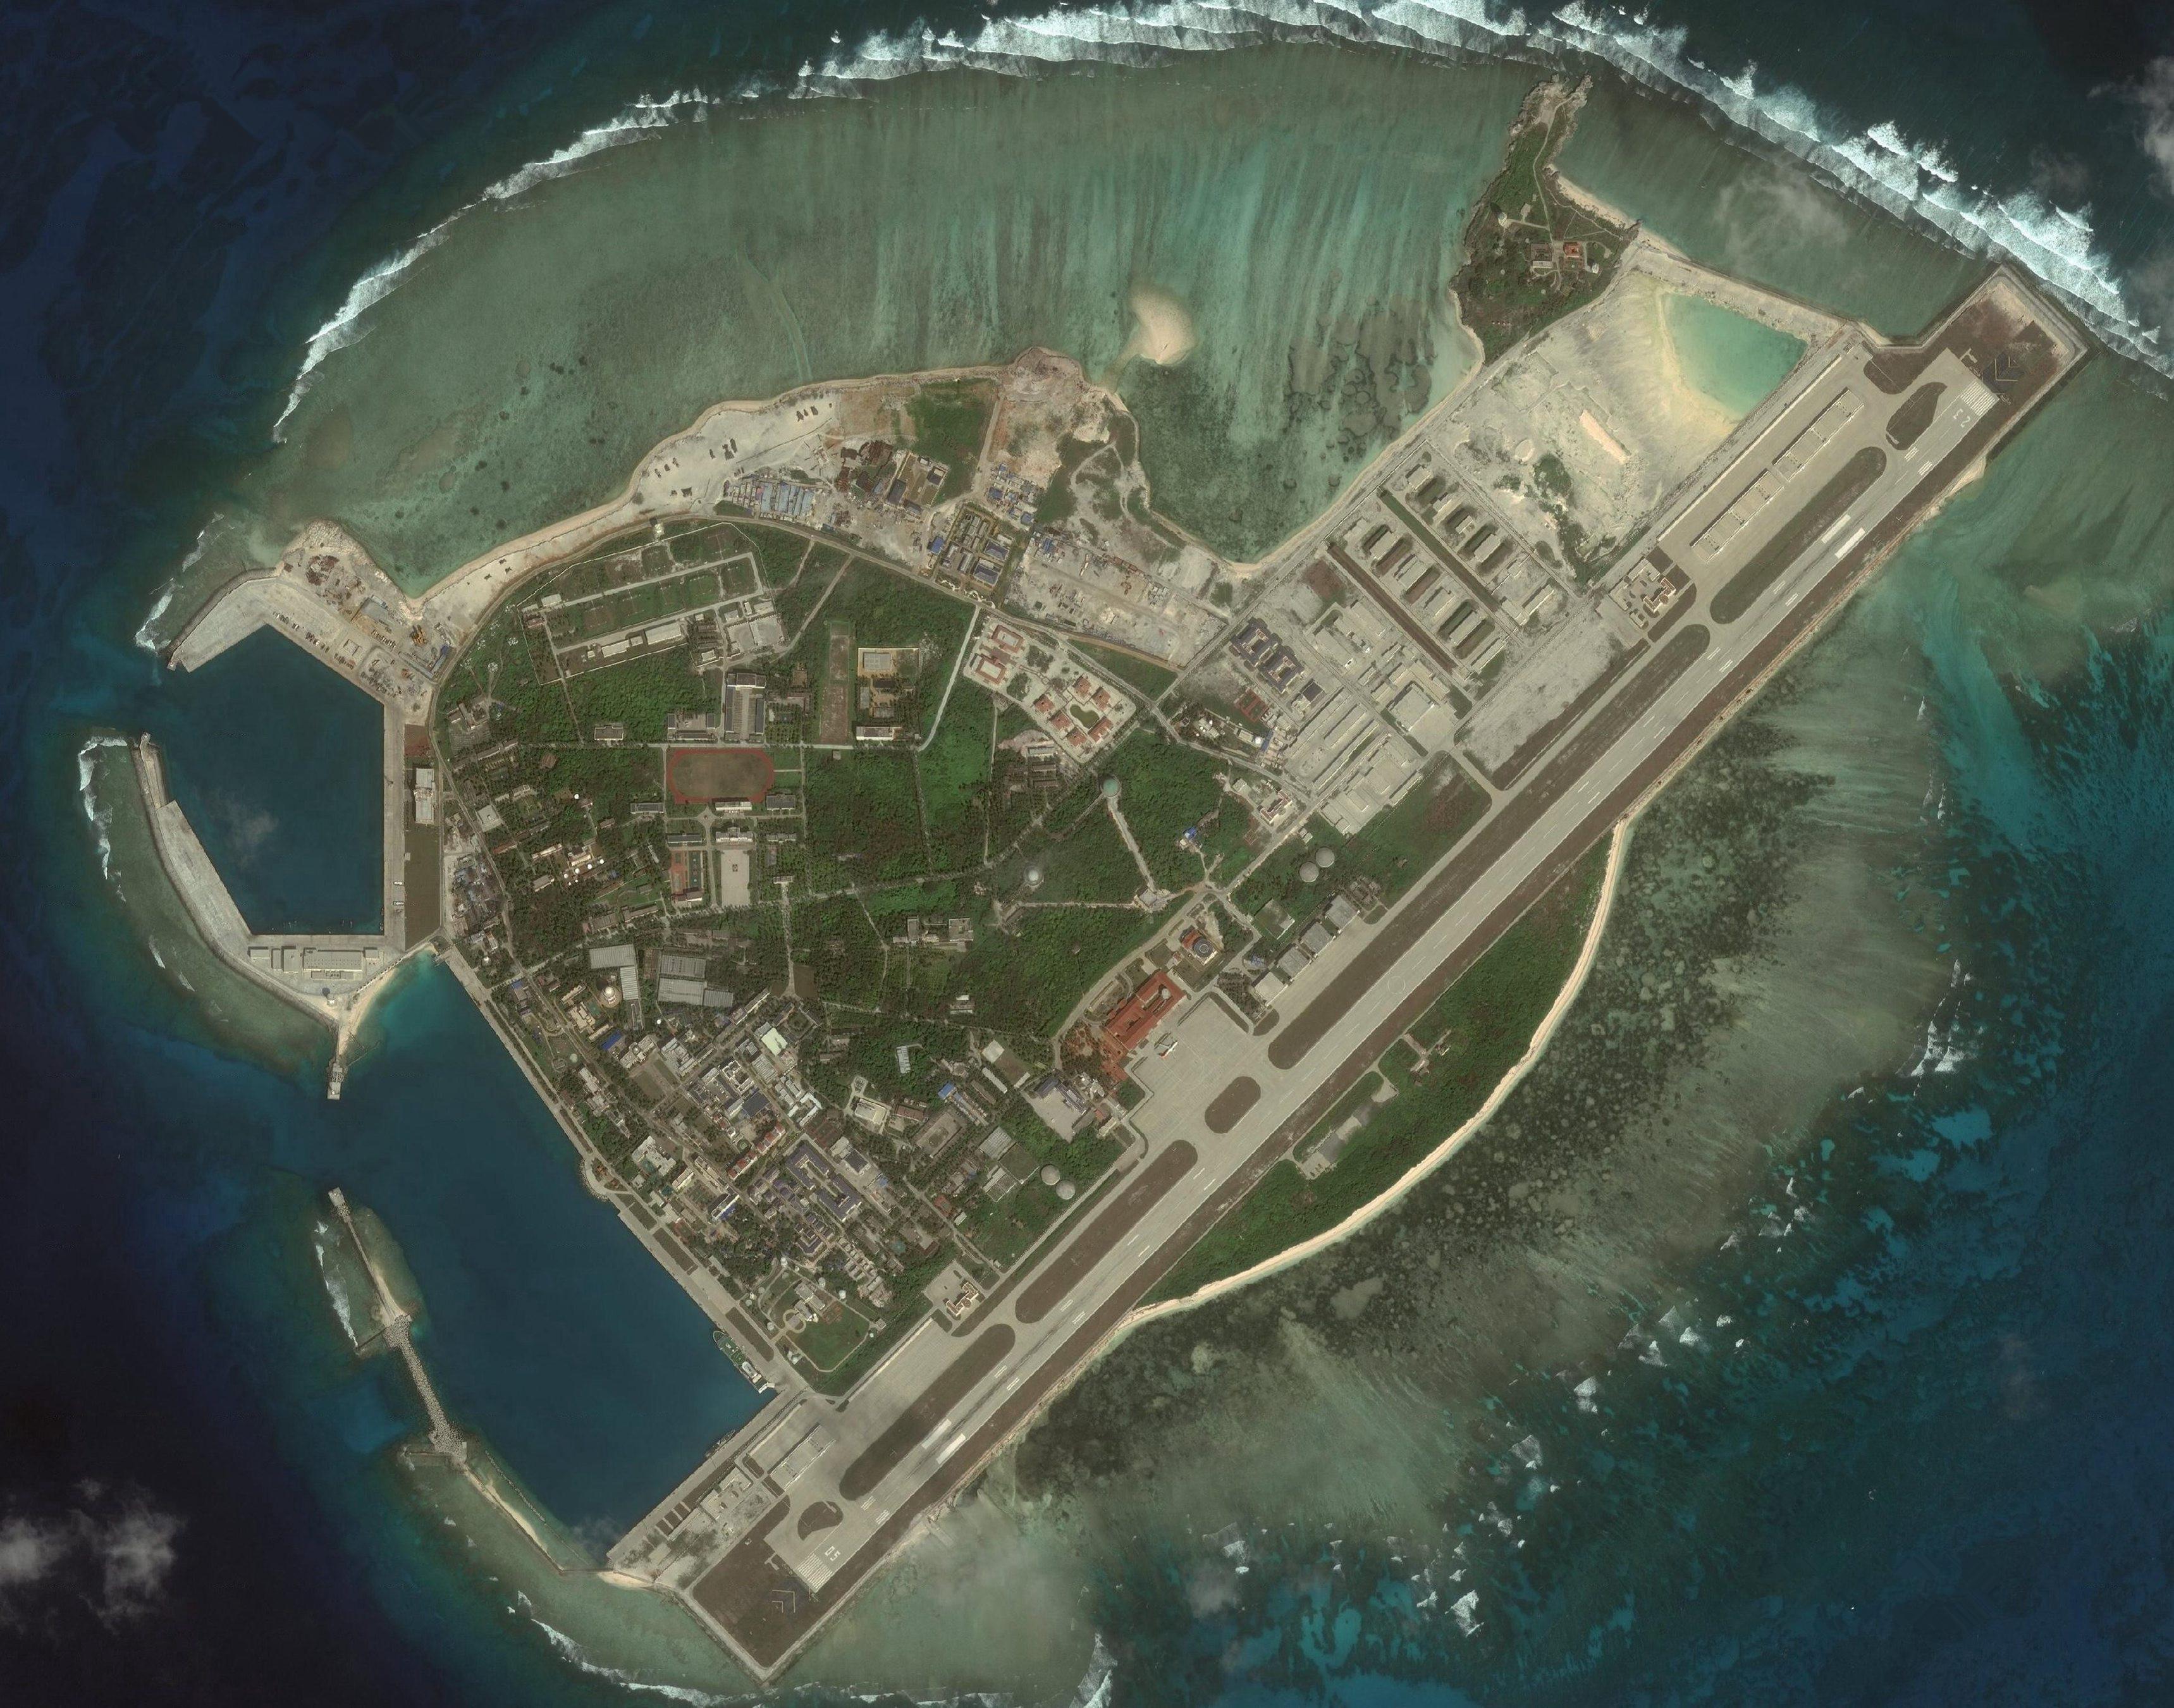 科技 正文  worldview-2卫星拍摄三沙市驻地永兴岛缩略图 2018-01-25